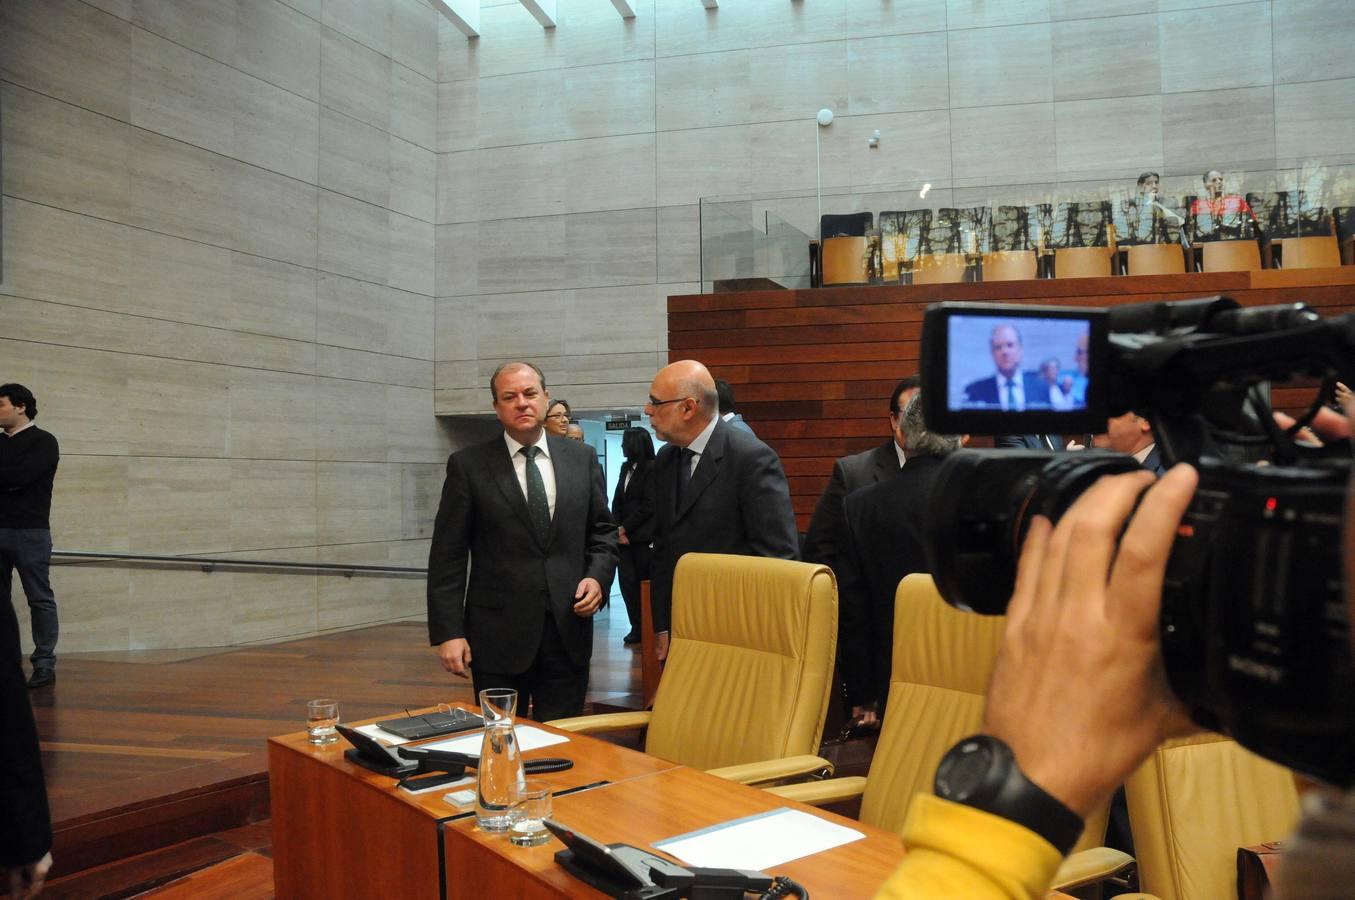 El pleno en la Asamblea, en imágenes